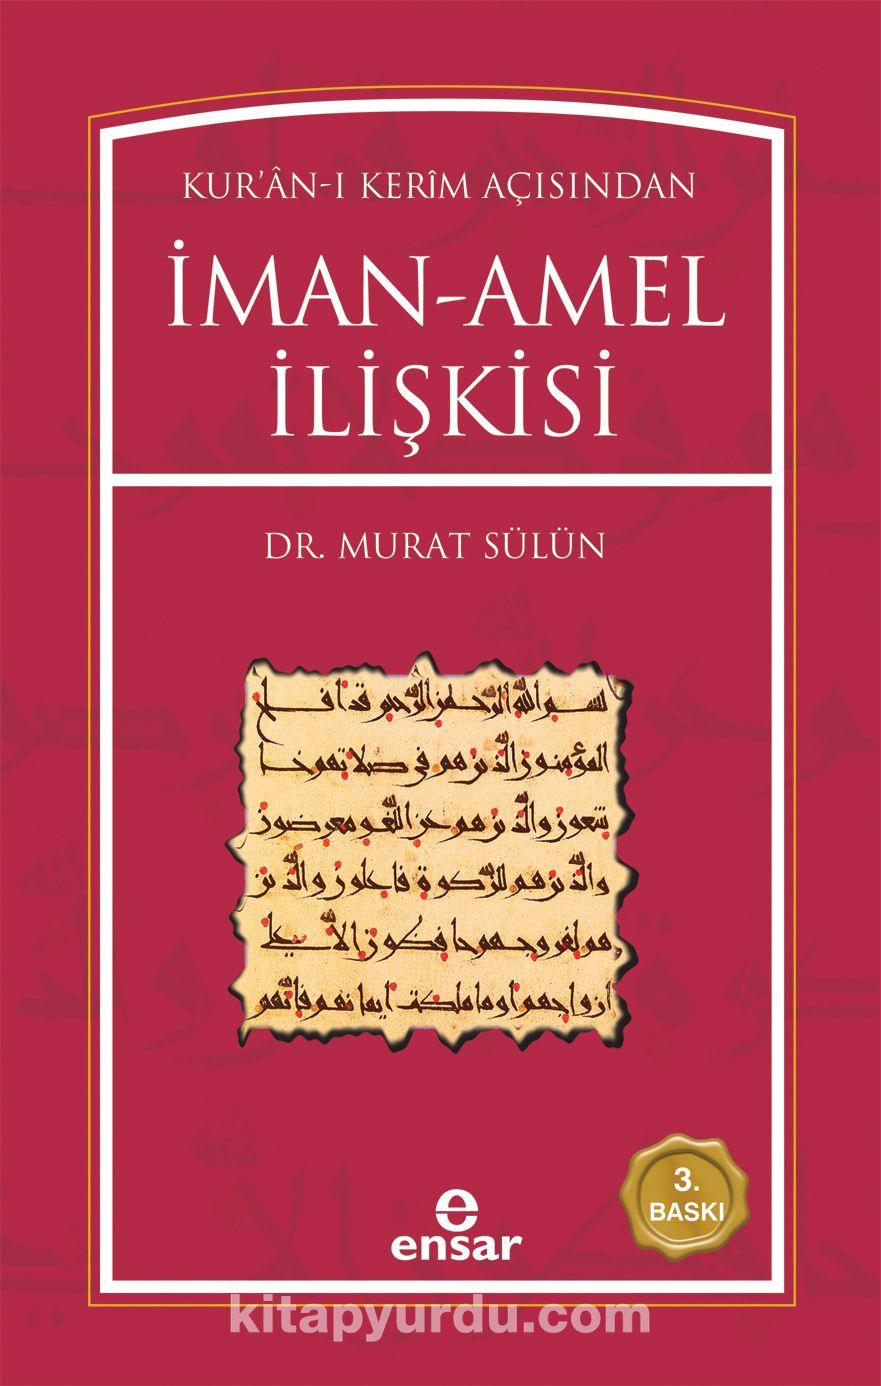 Kur'an-ı Kerim Açısından İman Amel İlişkisi - Murat Sülün pdf epub